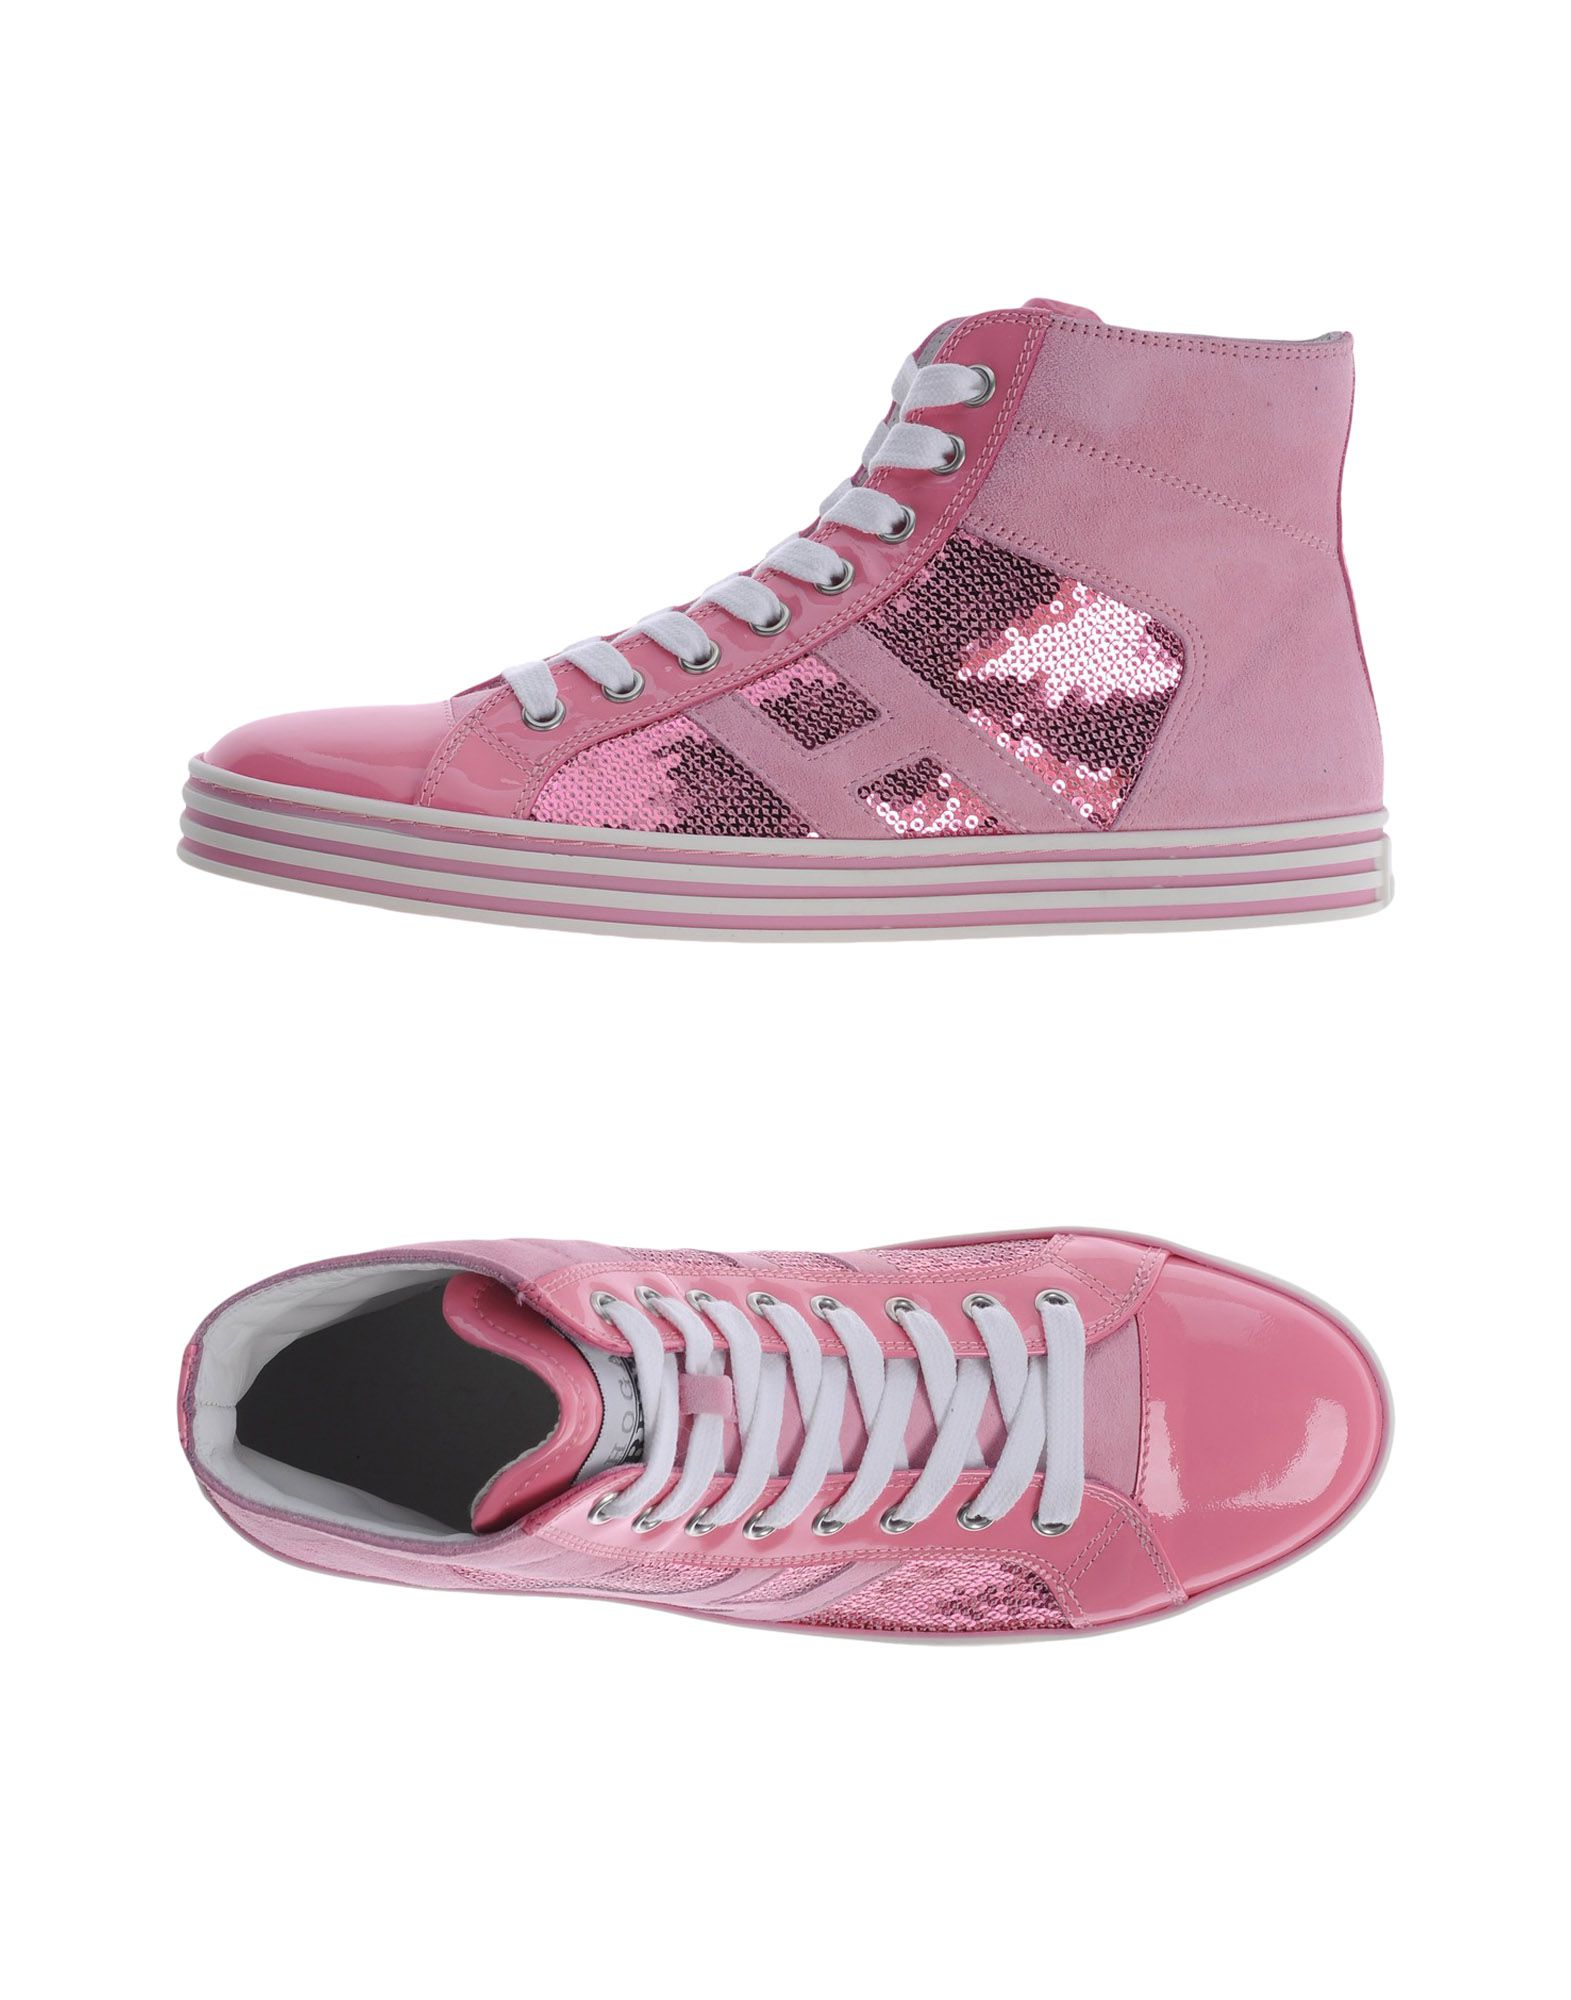 Hogan Damen Rebel Sneakers Damen Hogan  11162784QK Neue Schuhe 2e9e3c